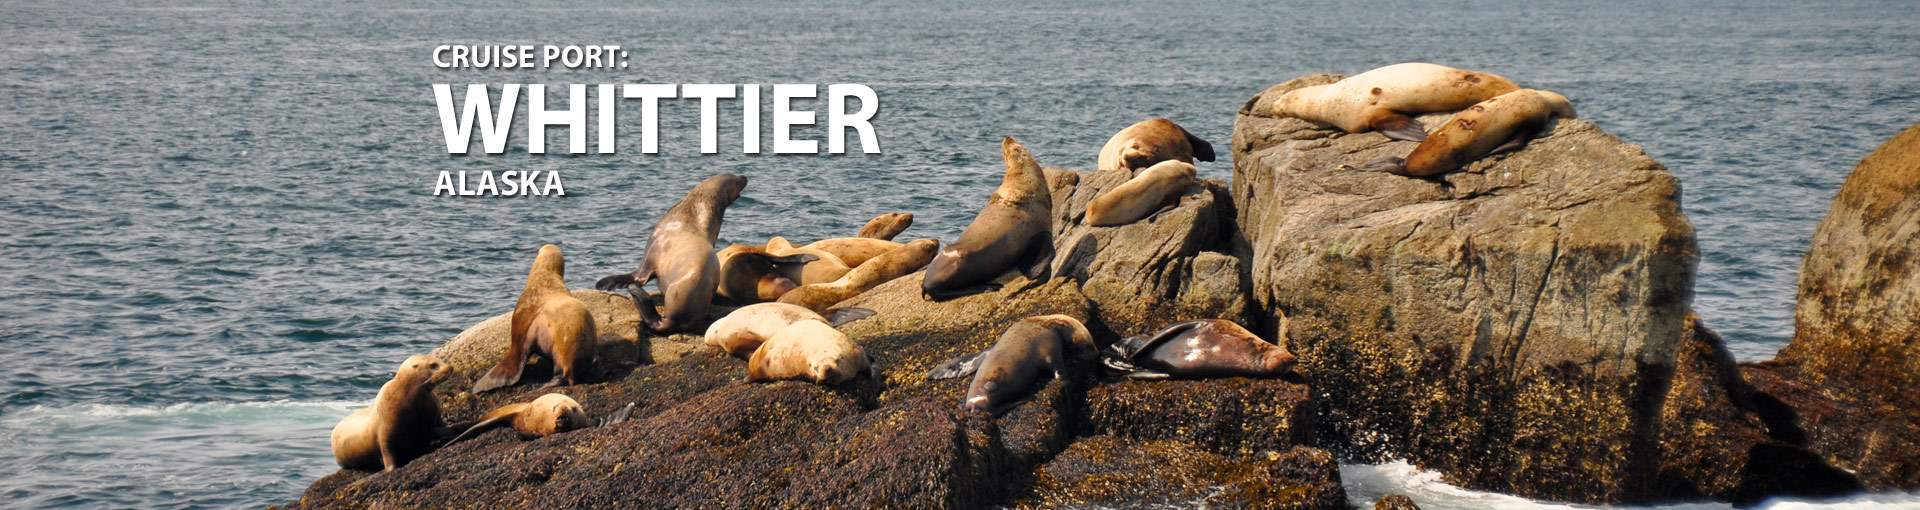 Cruise Port: Whittier, Alaska